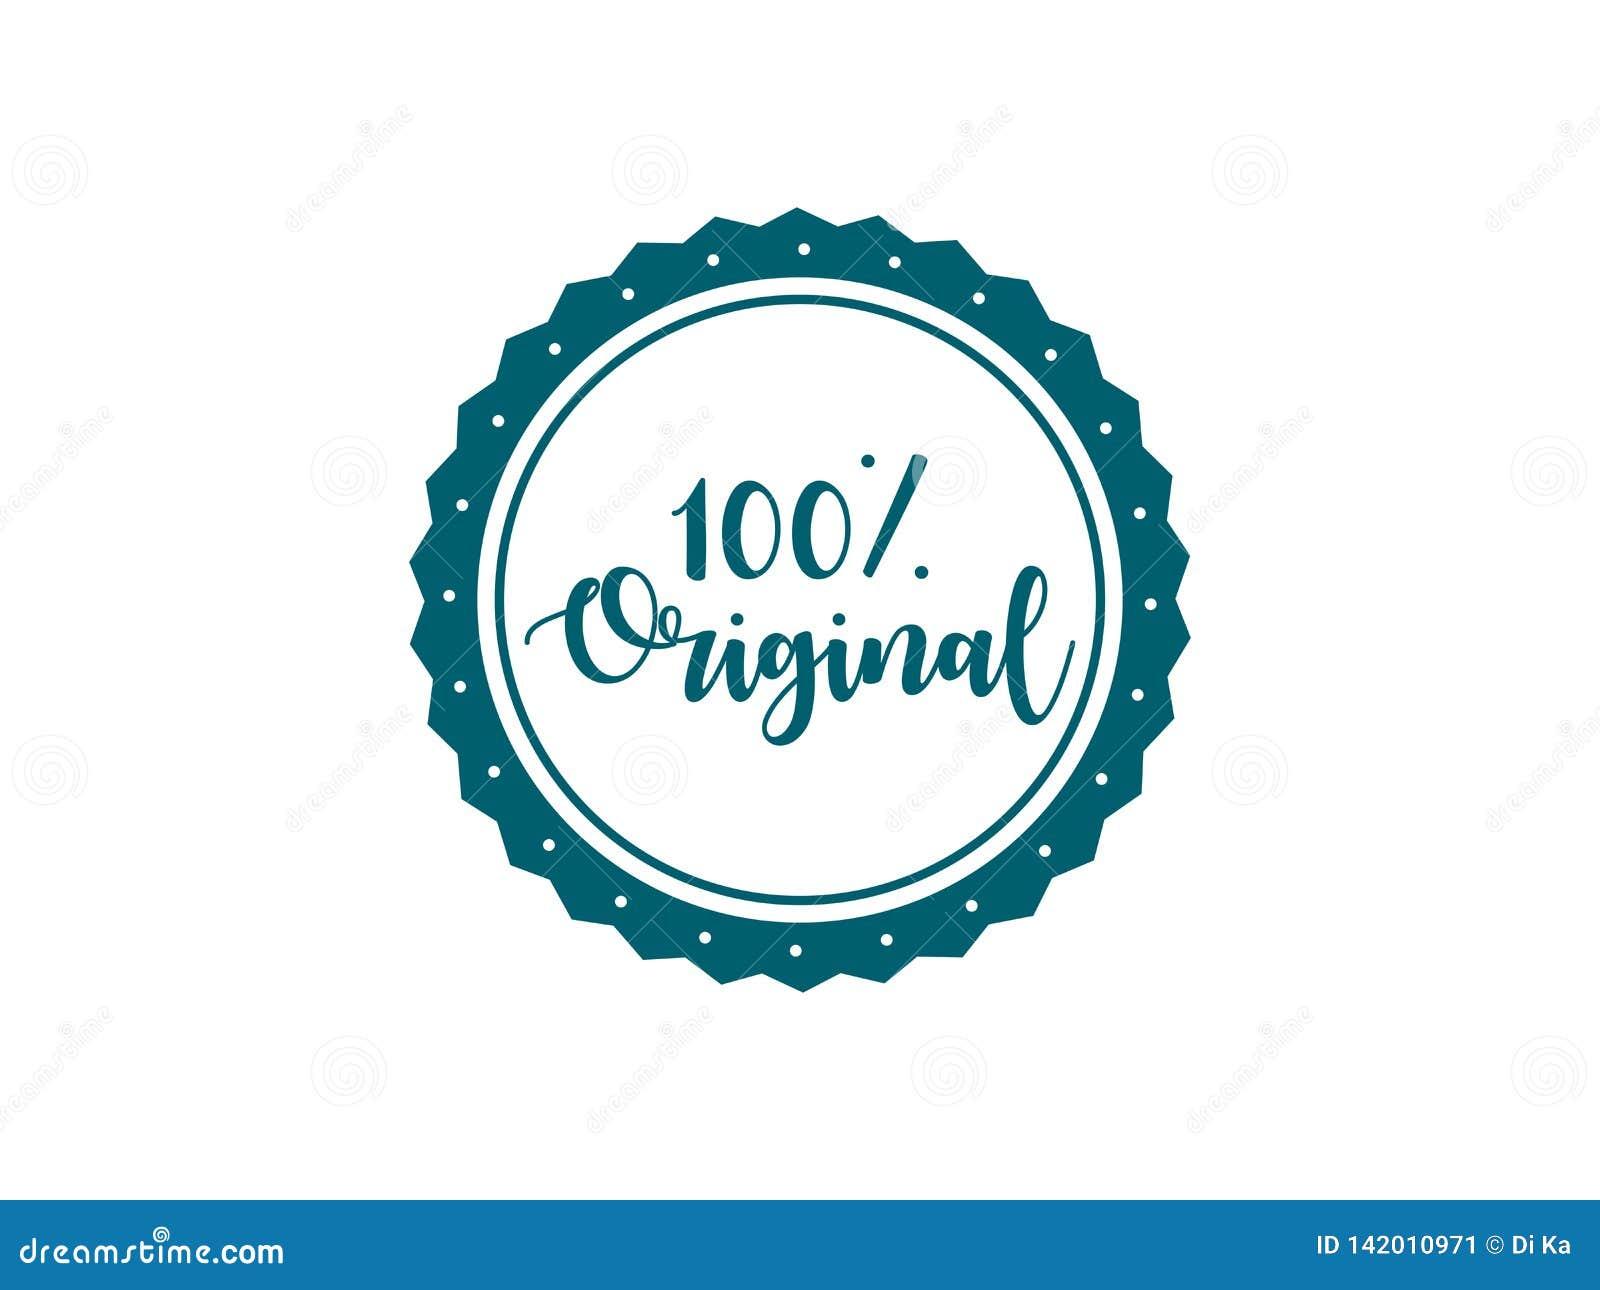 Projeto original do vetor do selo de 100